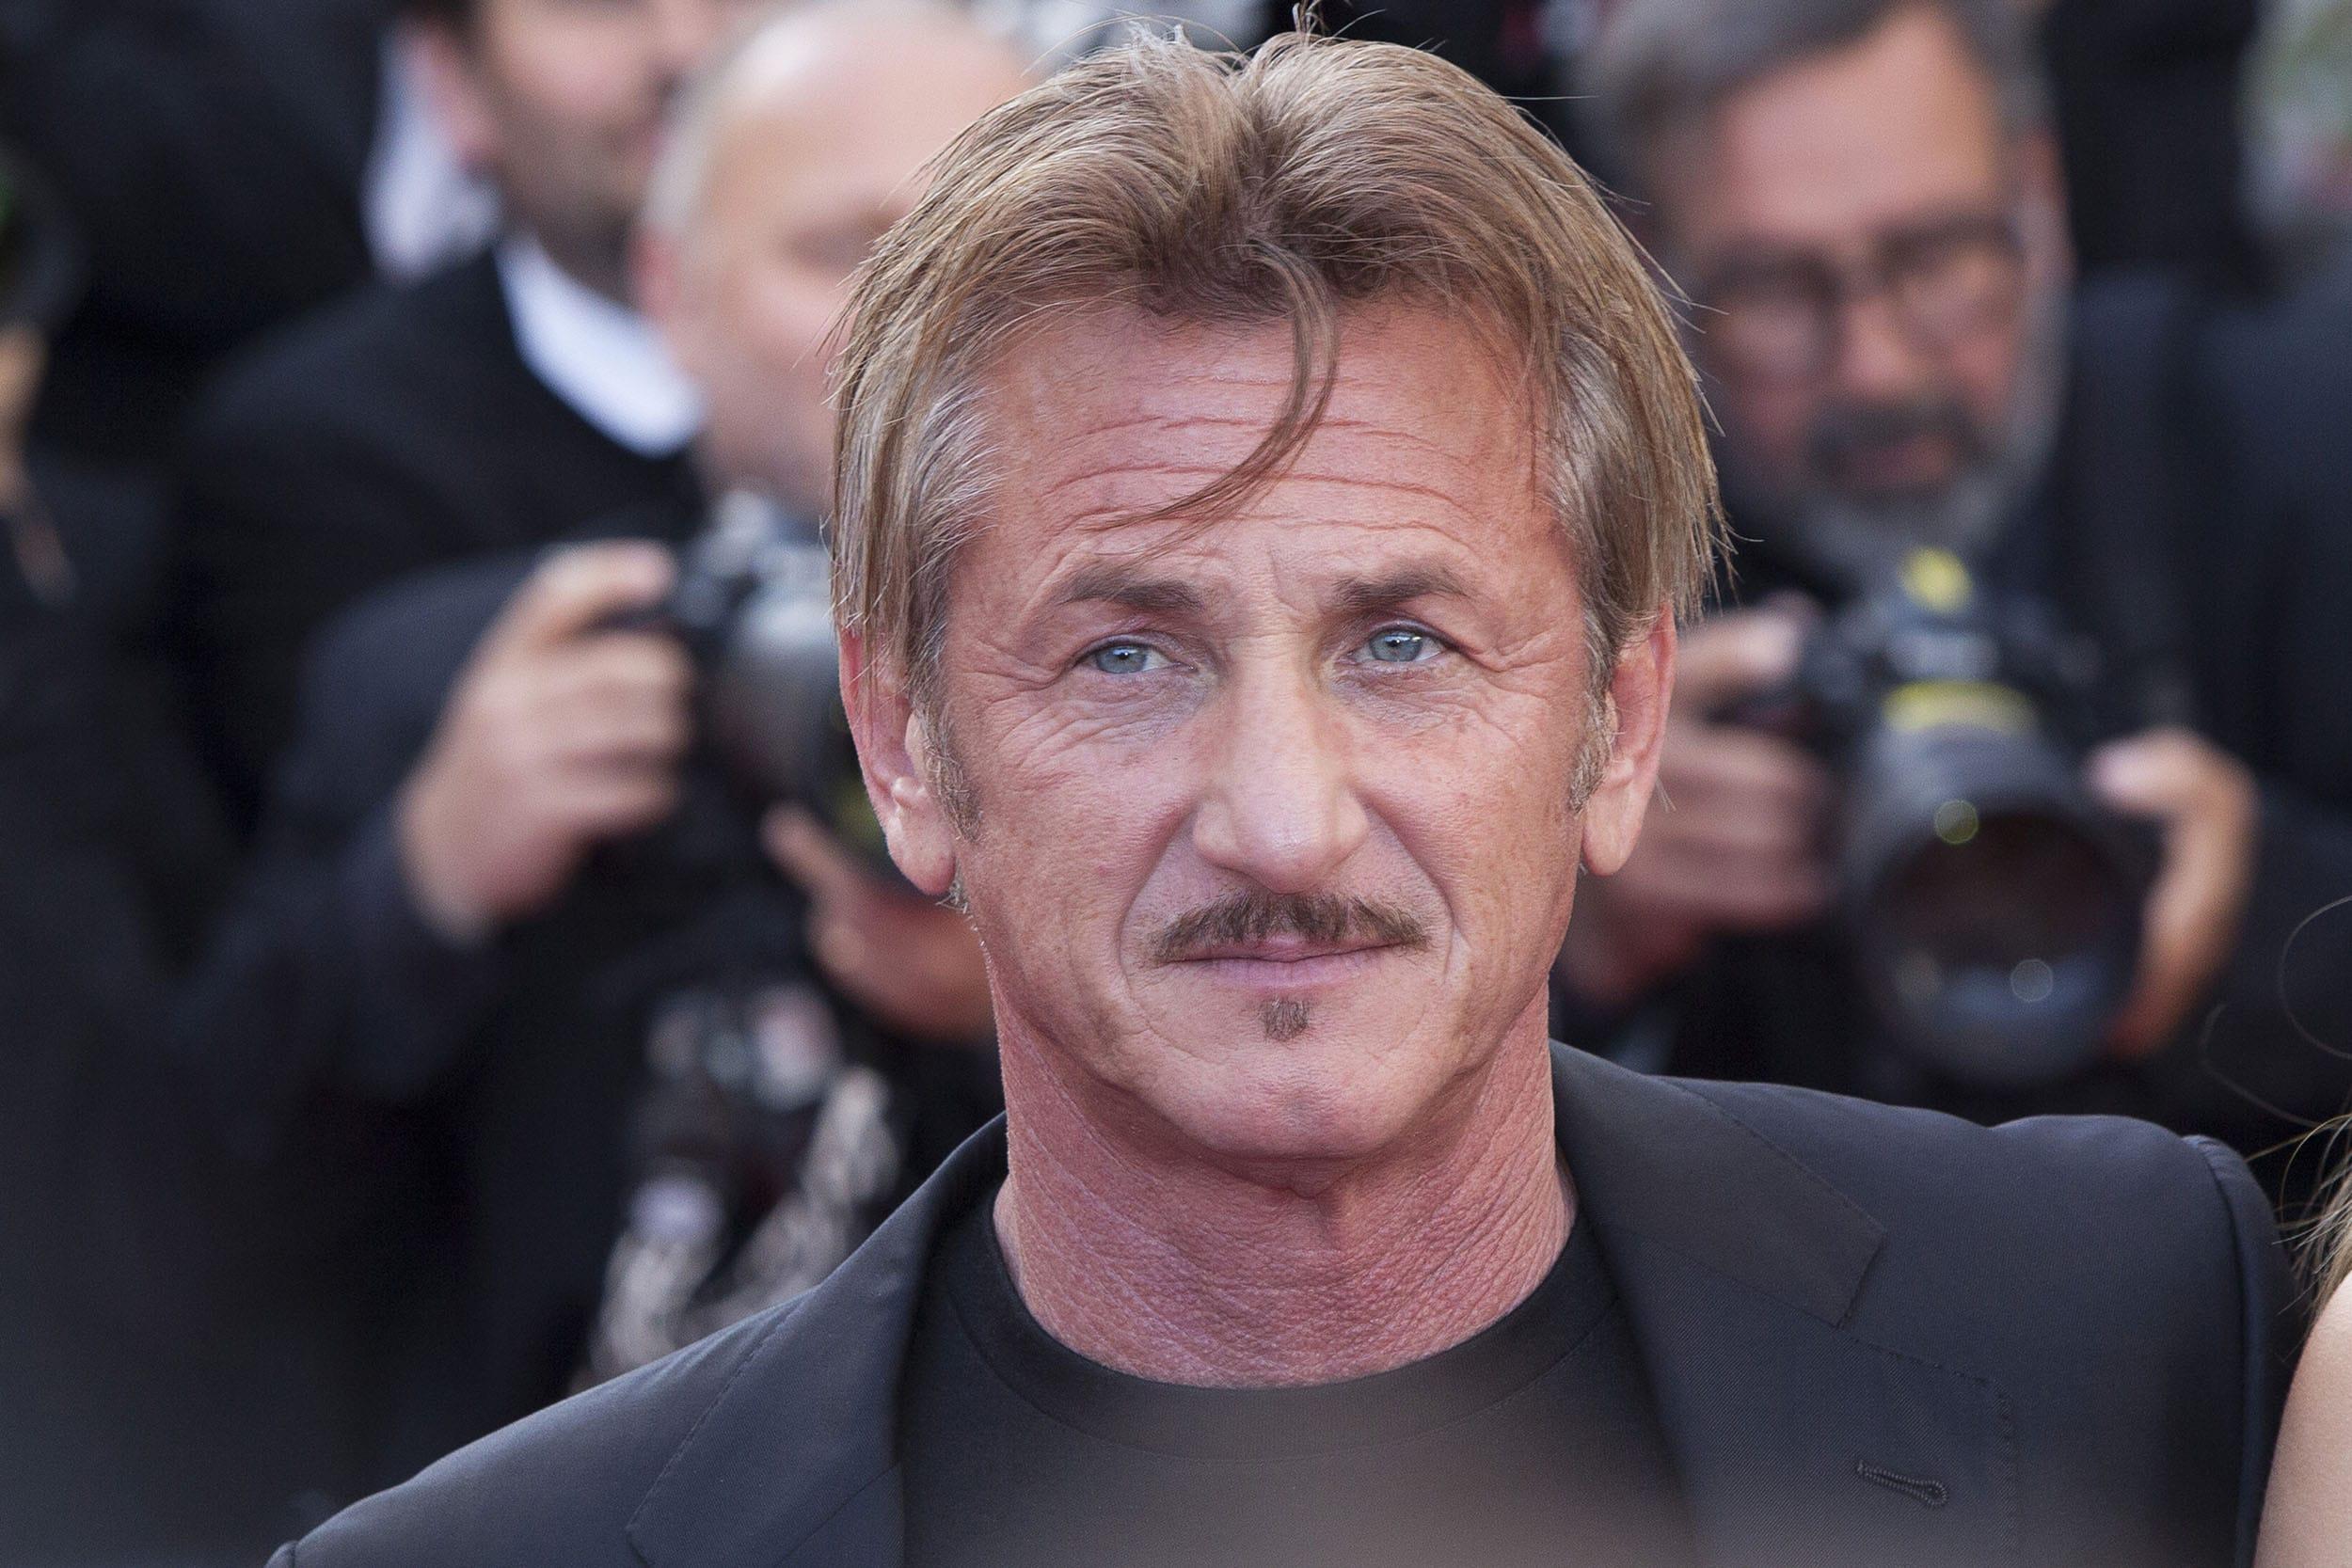 Sohn von Sean Penn und Robin Wright festgenommen